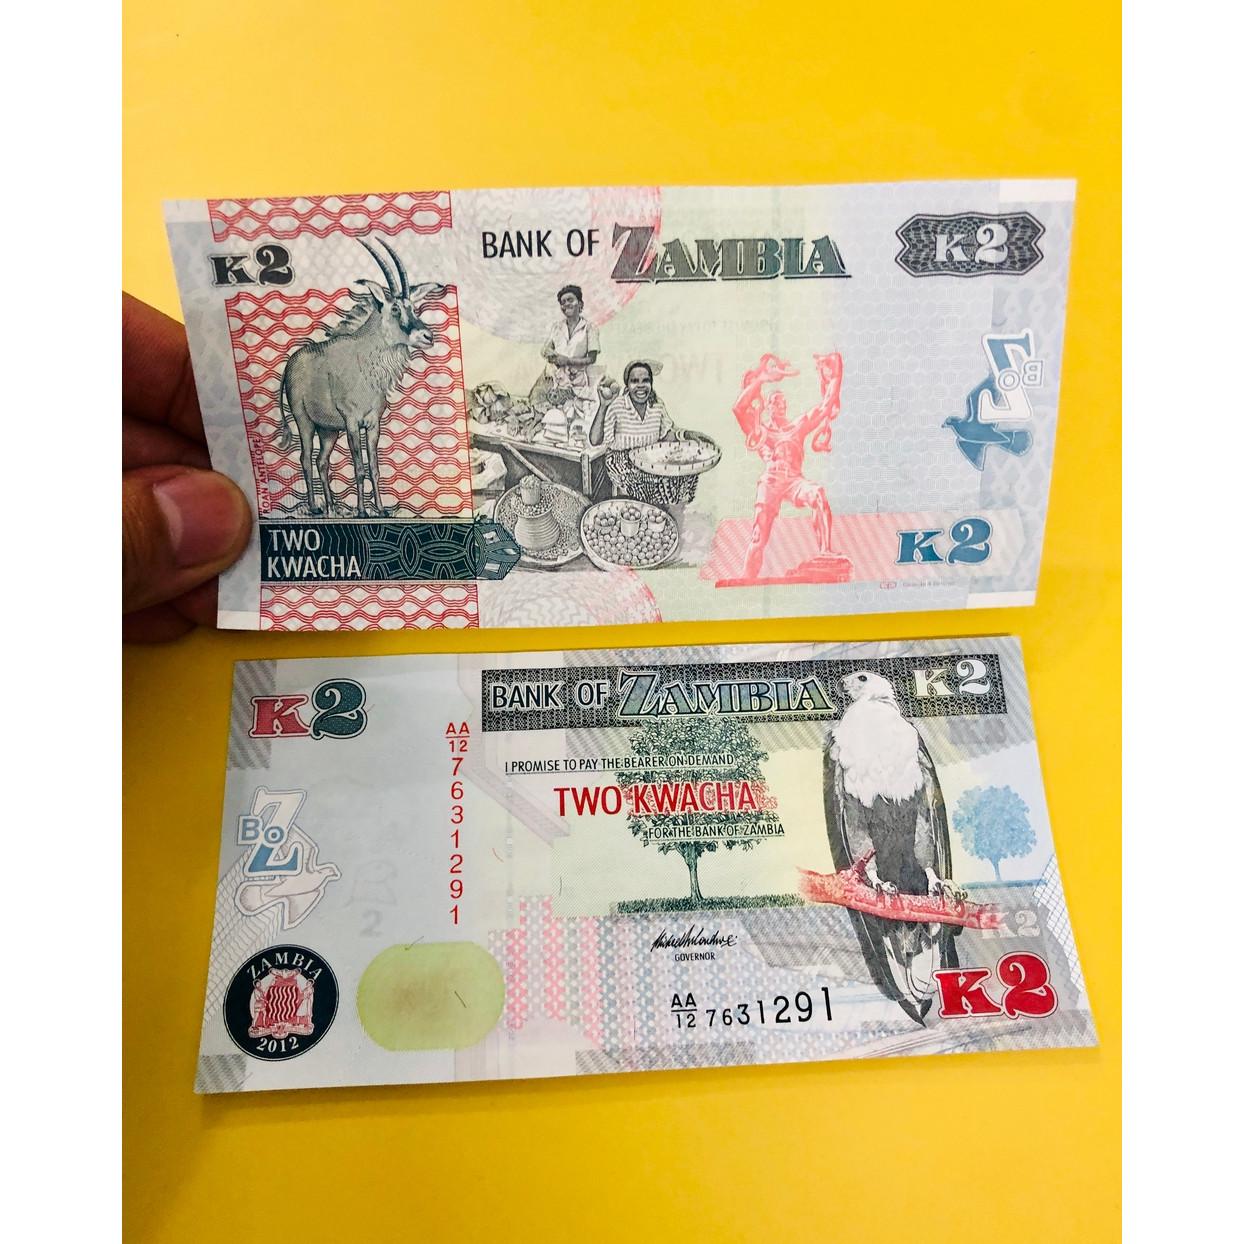 Tiền giấy quốc gia Zambia 2 Kwacha, mới 100% UNC, kèm bao lì xì